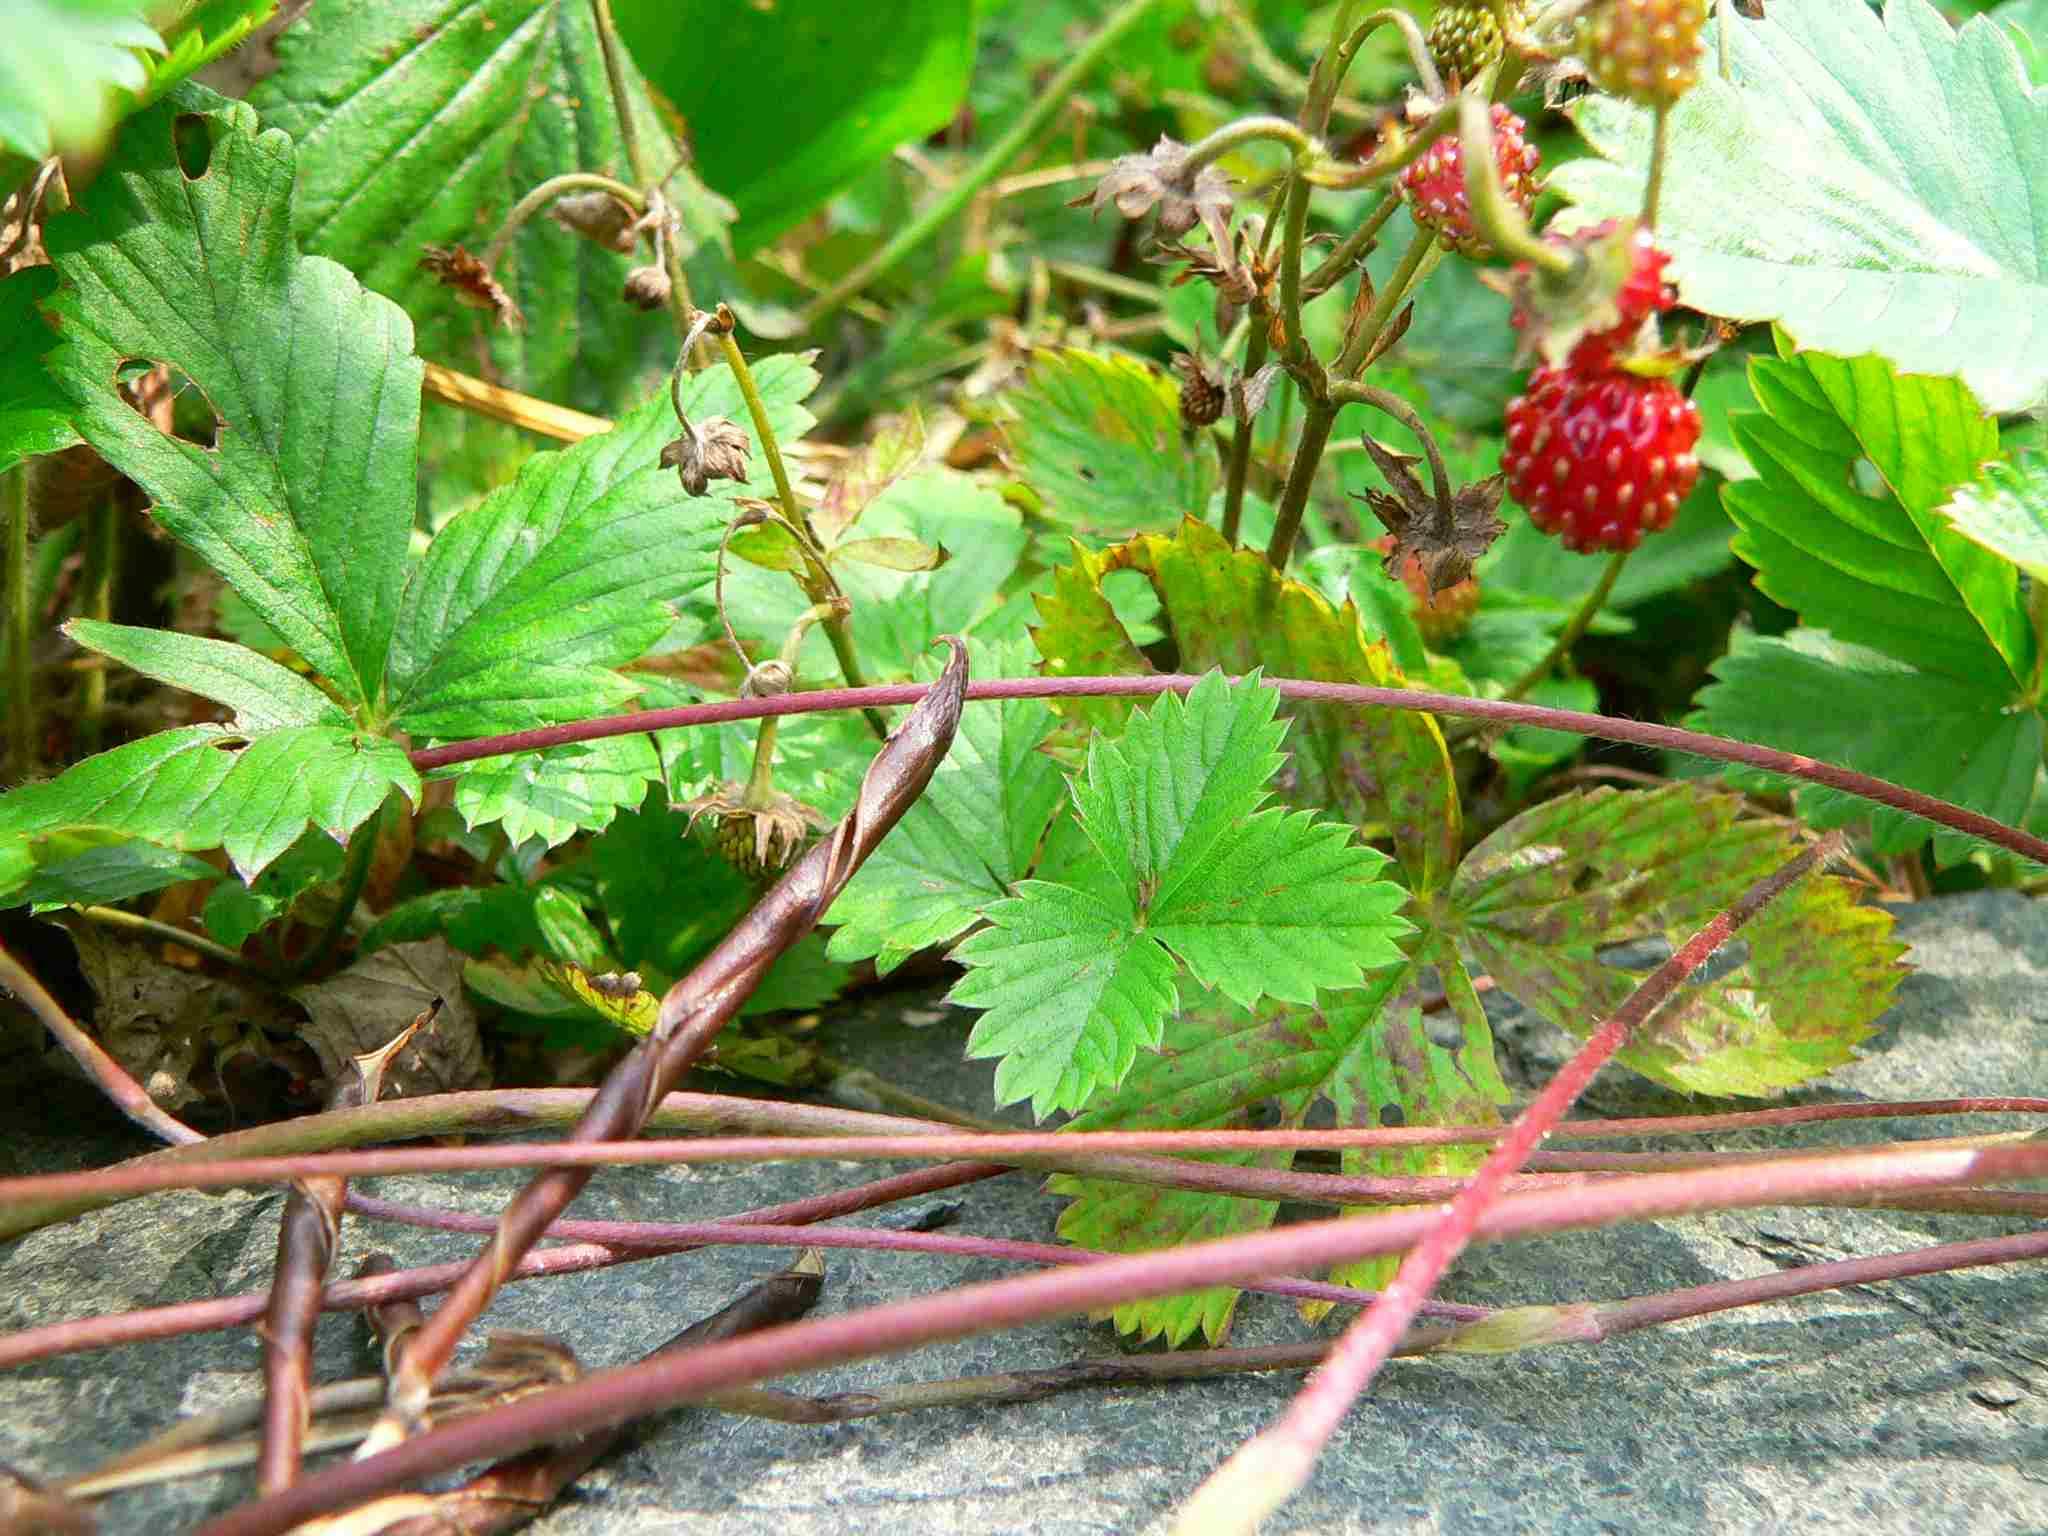 Wald-Erdbeere, bildet oberirdische Ausläufer | copyright Britta Jessen